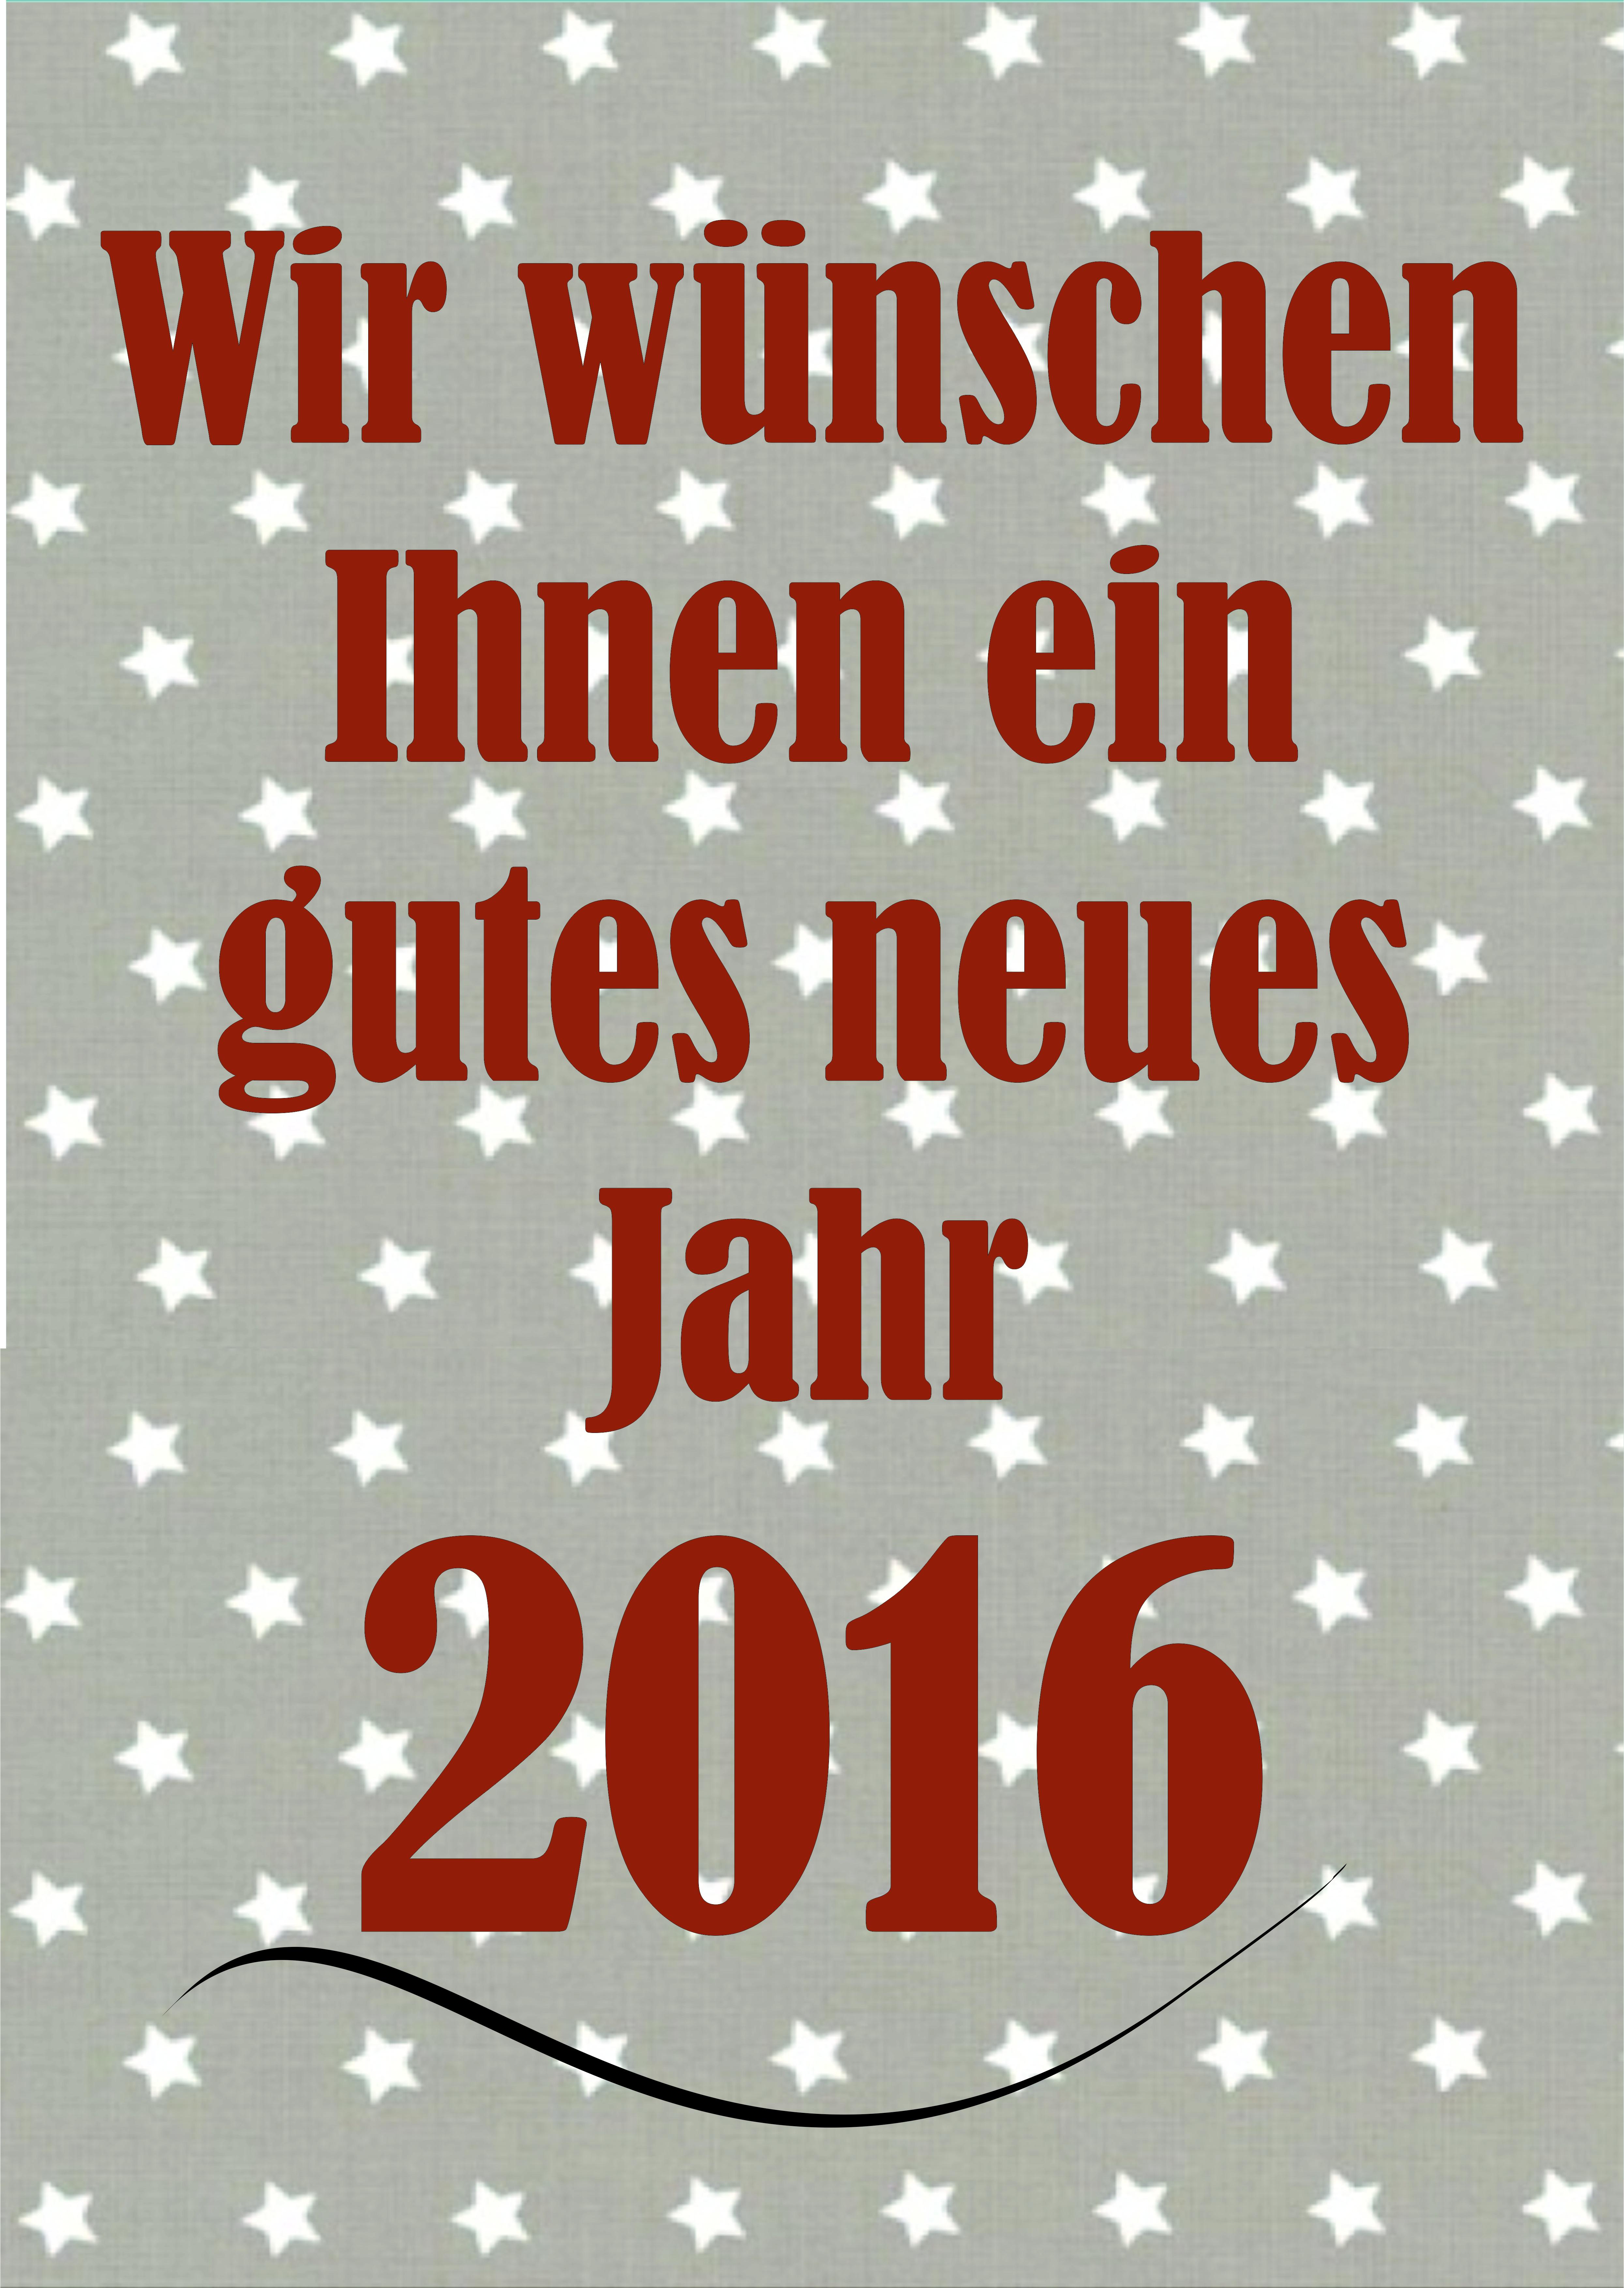 Gutes neues Jahr 2016